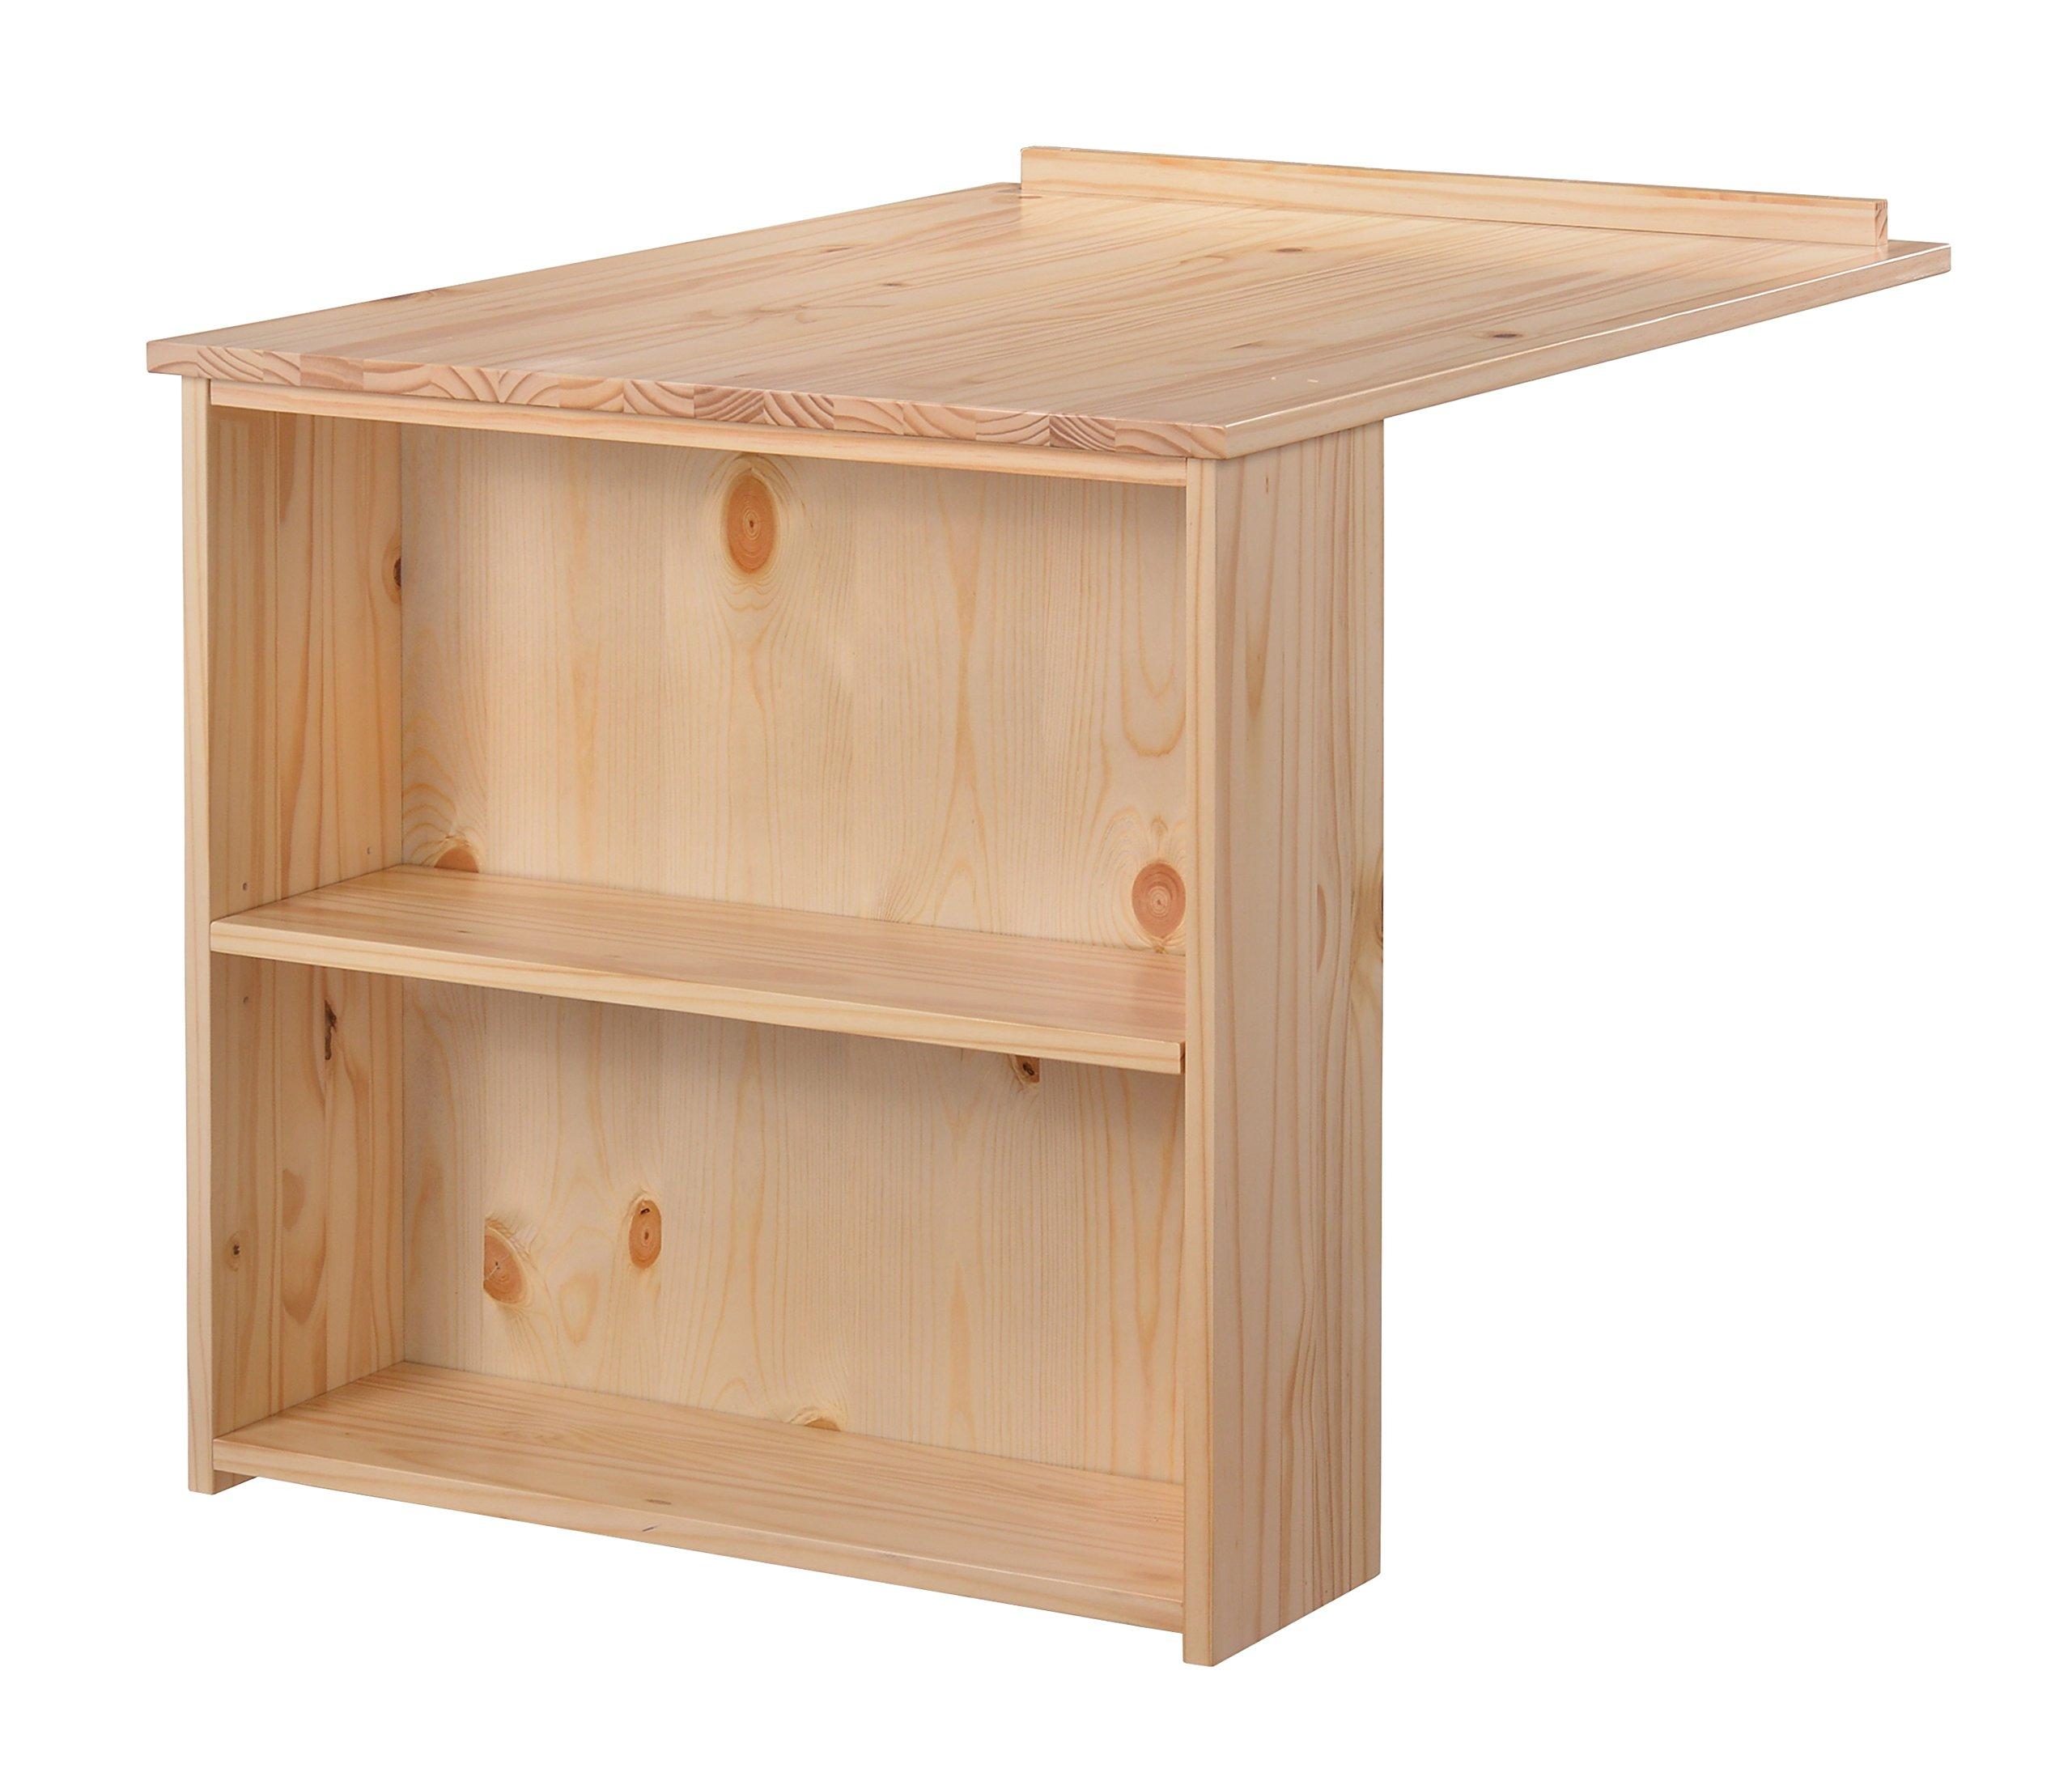 Whistler Junior Slide Out Desk, Natural, Under-Loft-Bed Desk, Solid Pine and Composites Construction, Space-Saving Desk for Kids Room or Teens Room